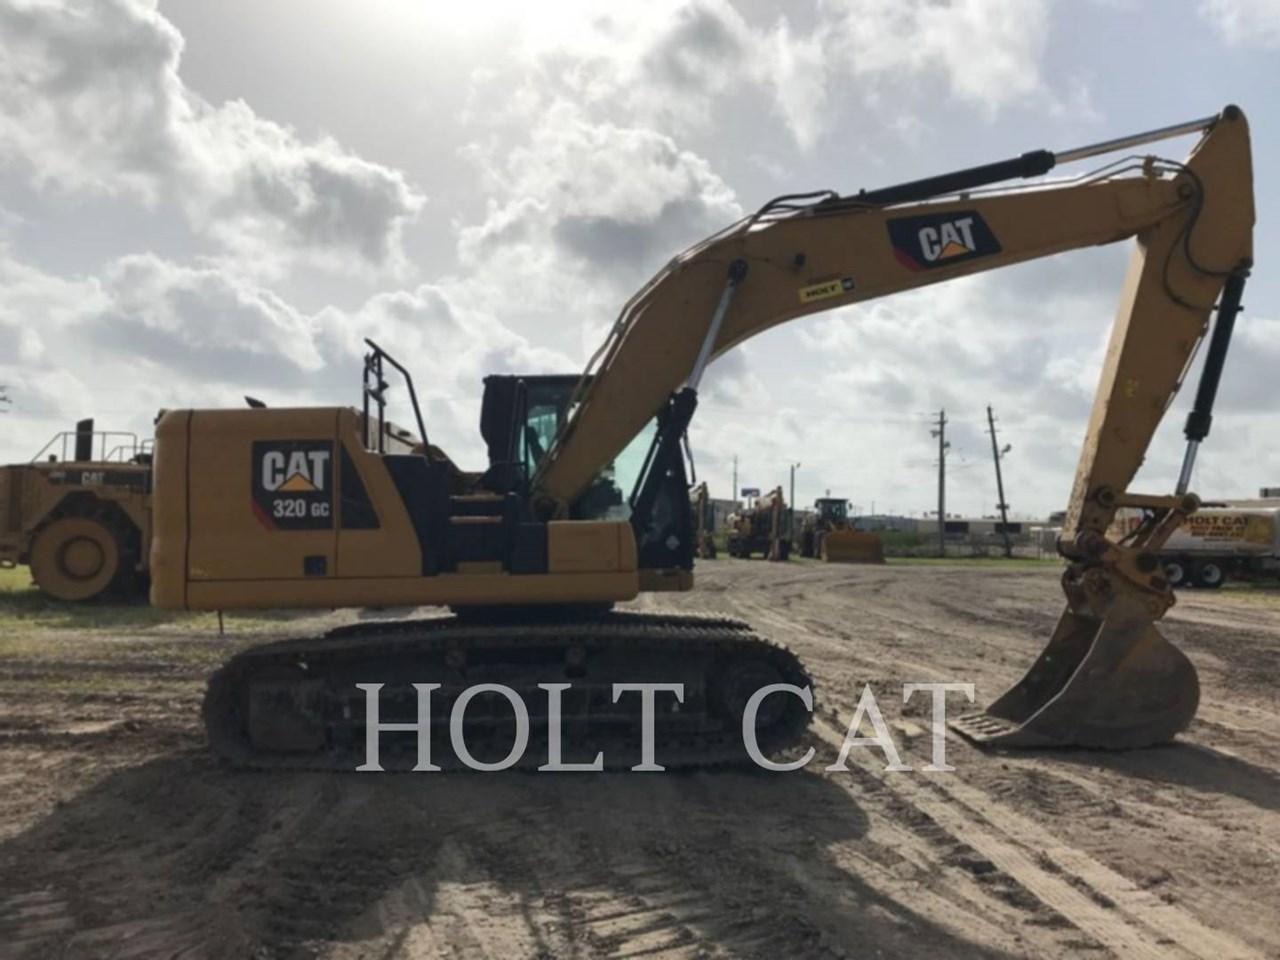 2018 Caterpillar 320GC Image 3